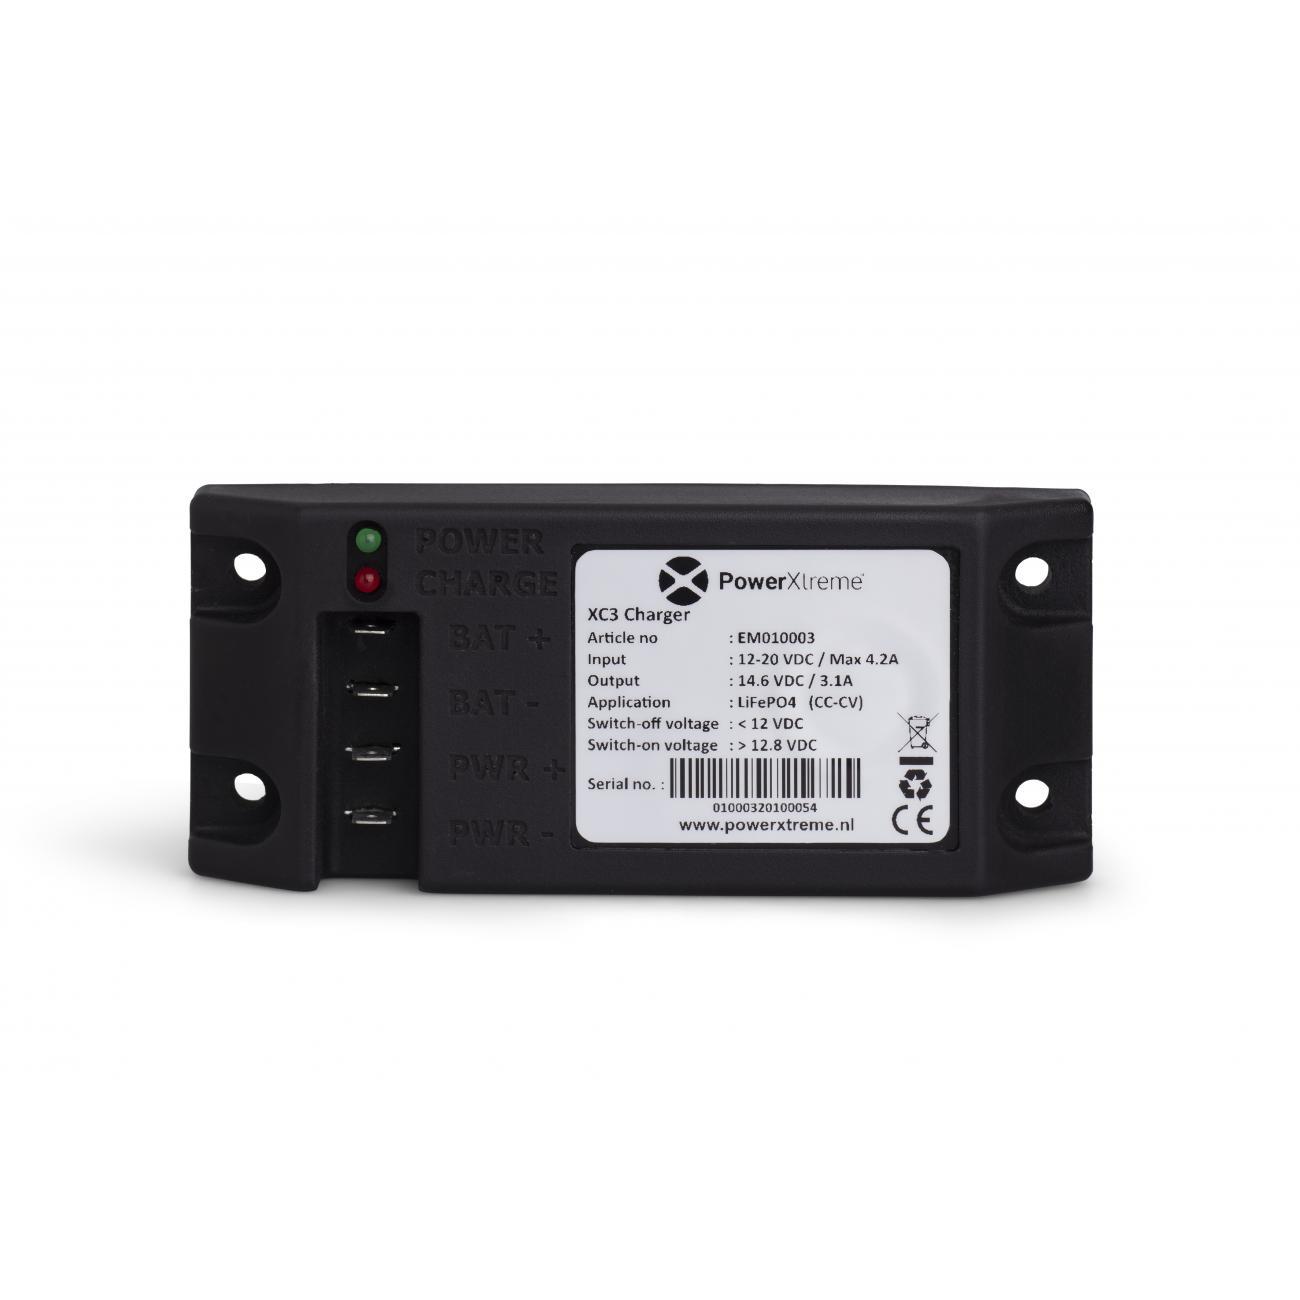 XC3 Charger Laden Sie Die Starterbatterie über Die Bordbatterie Auf